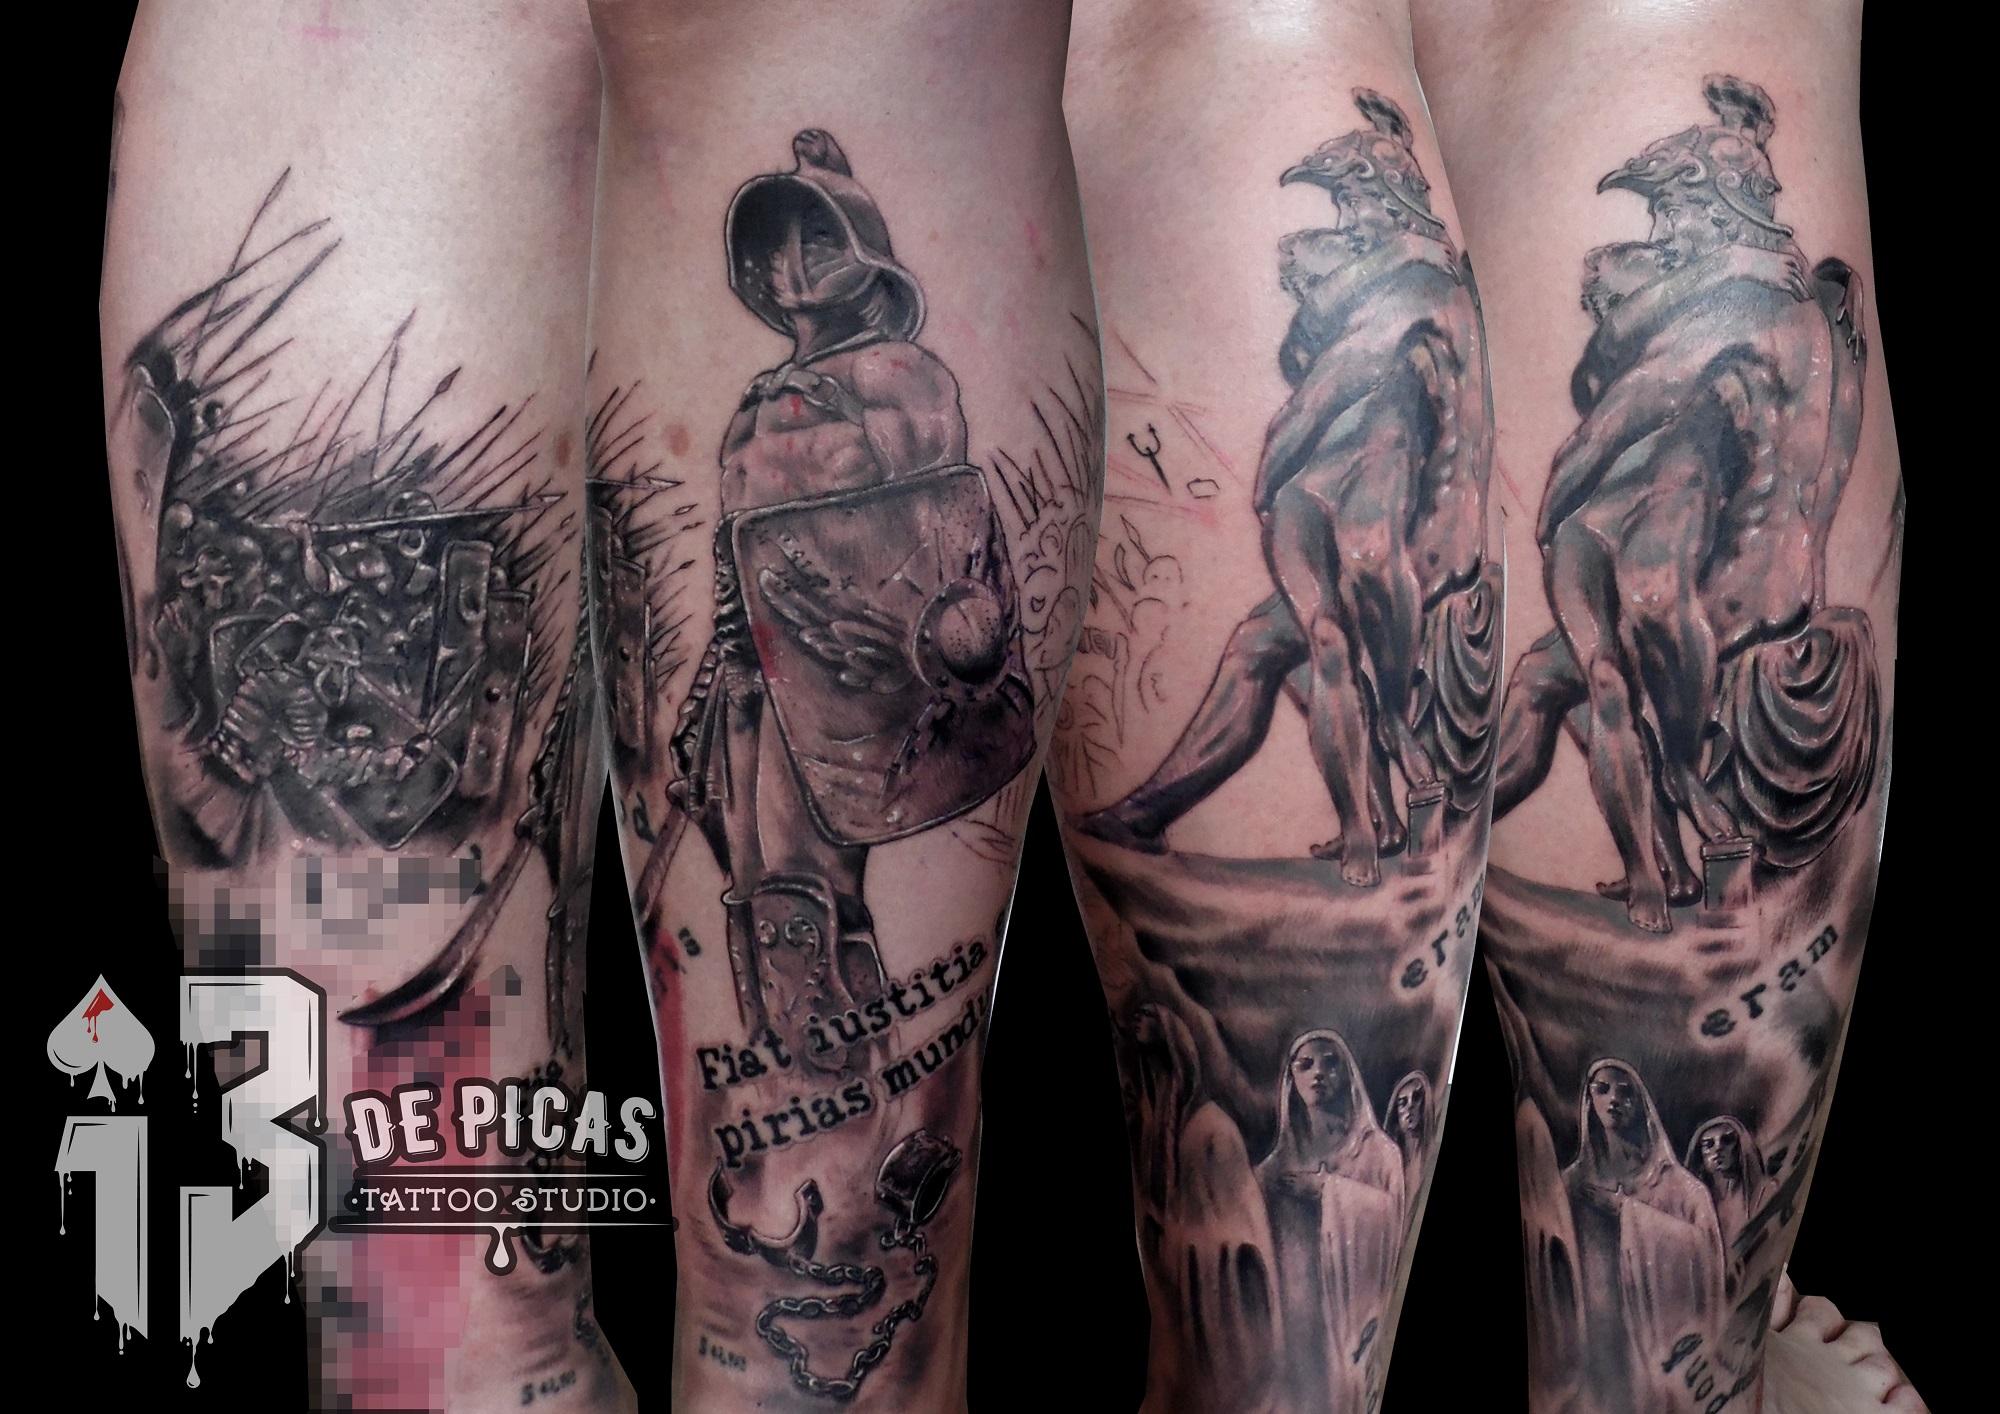 gladiador romanos tatuaje tattoo batalla pierna black grey realismo 13depicas escudo casco estatua